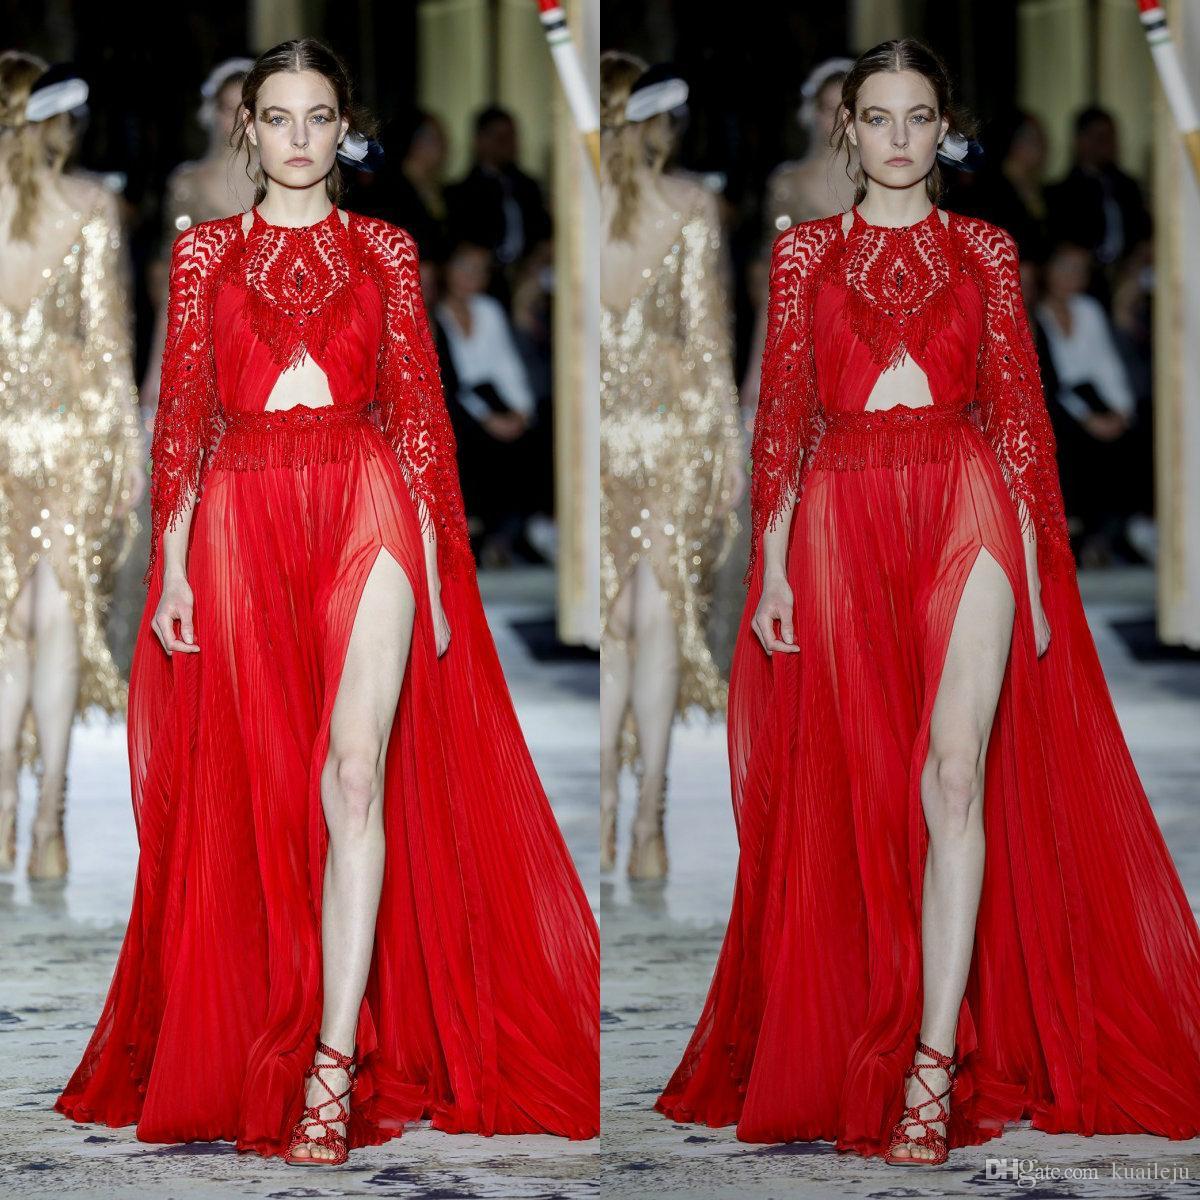 Dress Zuhairmurad Red Customized sera della sirena manica lunga vestito convenzionale di Tulle Applique del merletto di cristallo nappa Split partito damigella d'onore